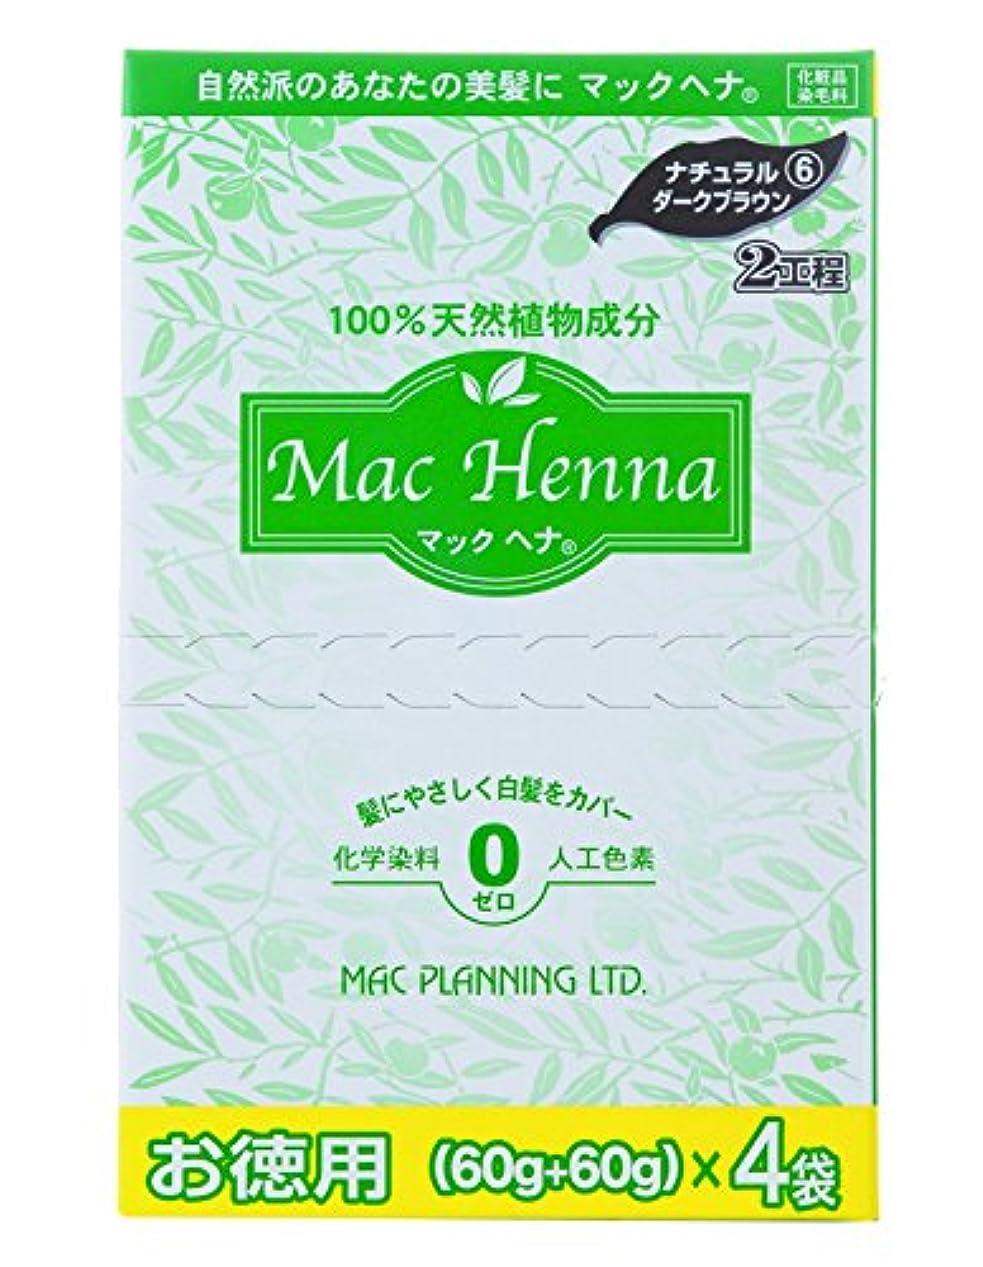 粒ミル制約マックヘナ お徳用 ナチュラルダークブラウン480g ヘナ白髪用カラー